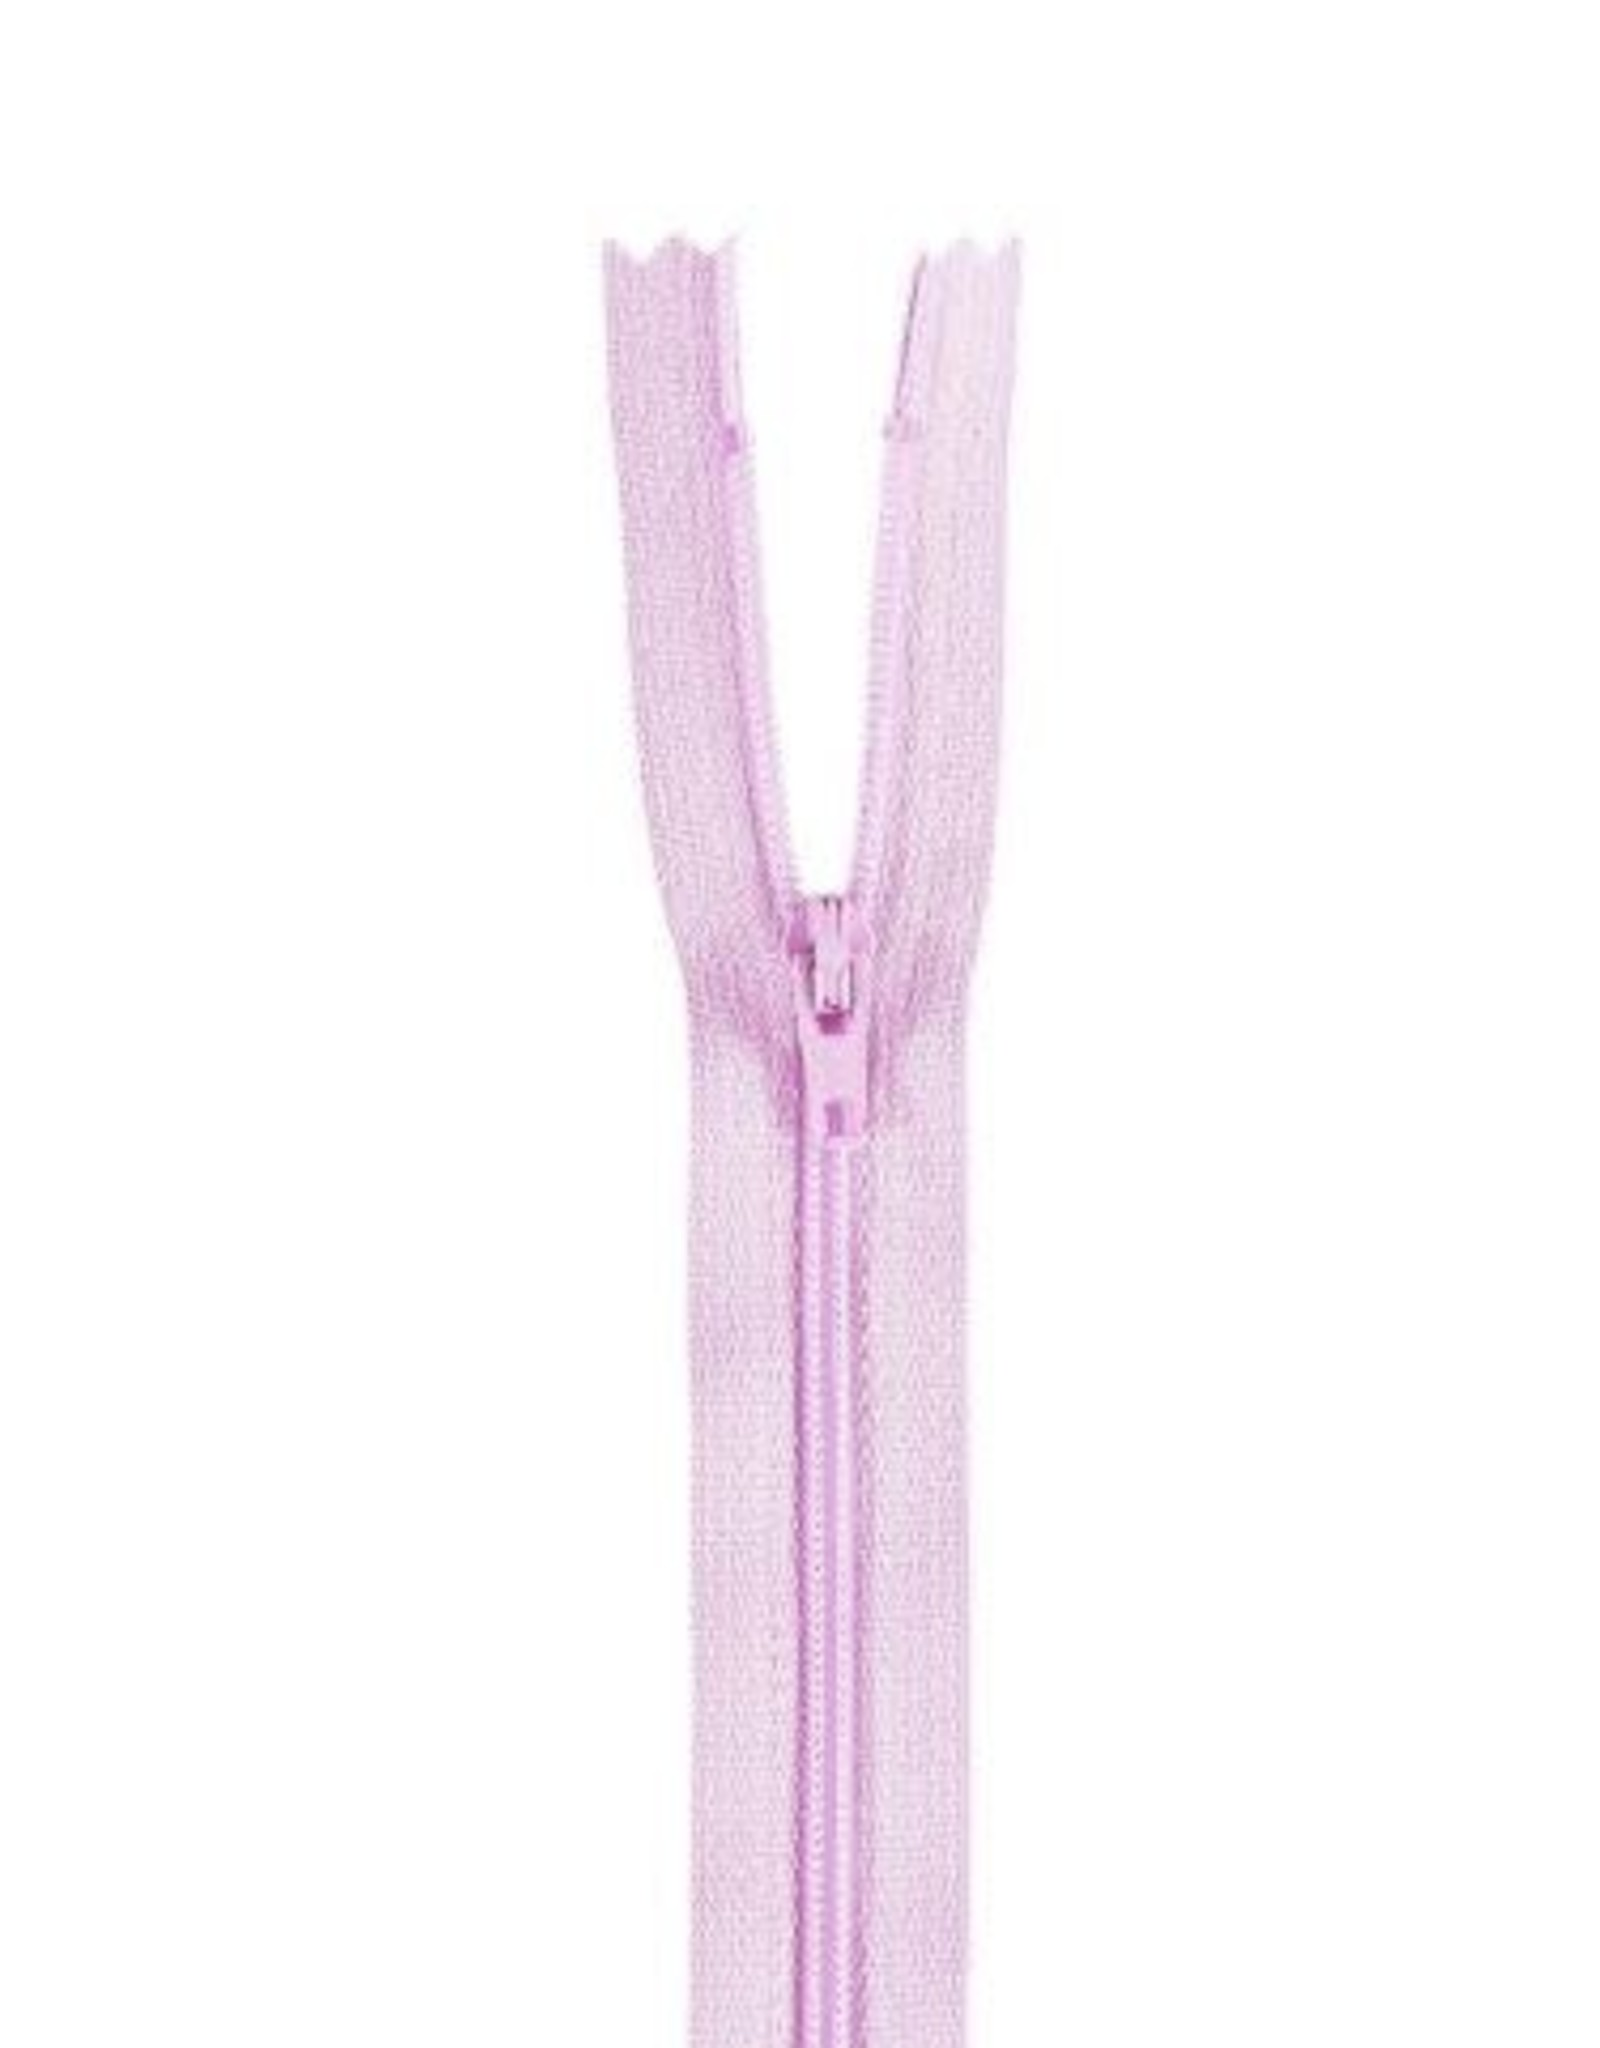 YKK Spiraalrits niet-DB 3mm licht roze paars 068-55cm